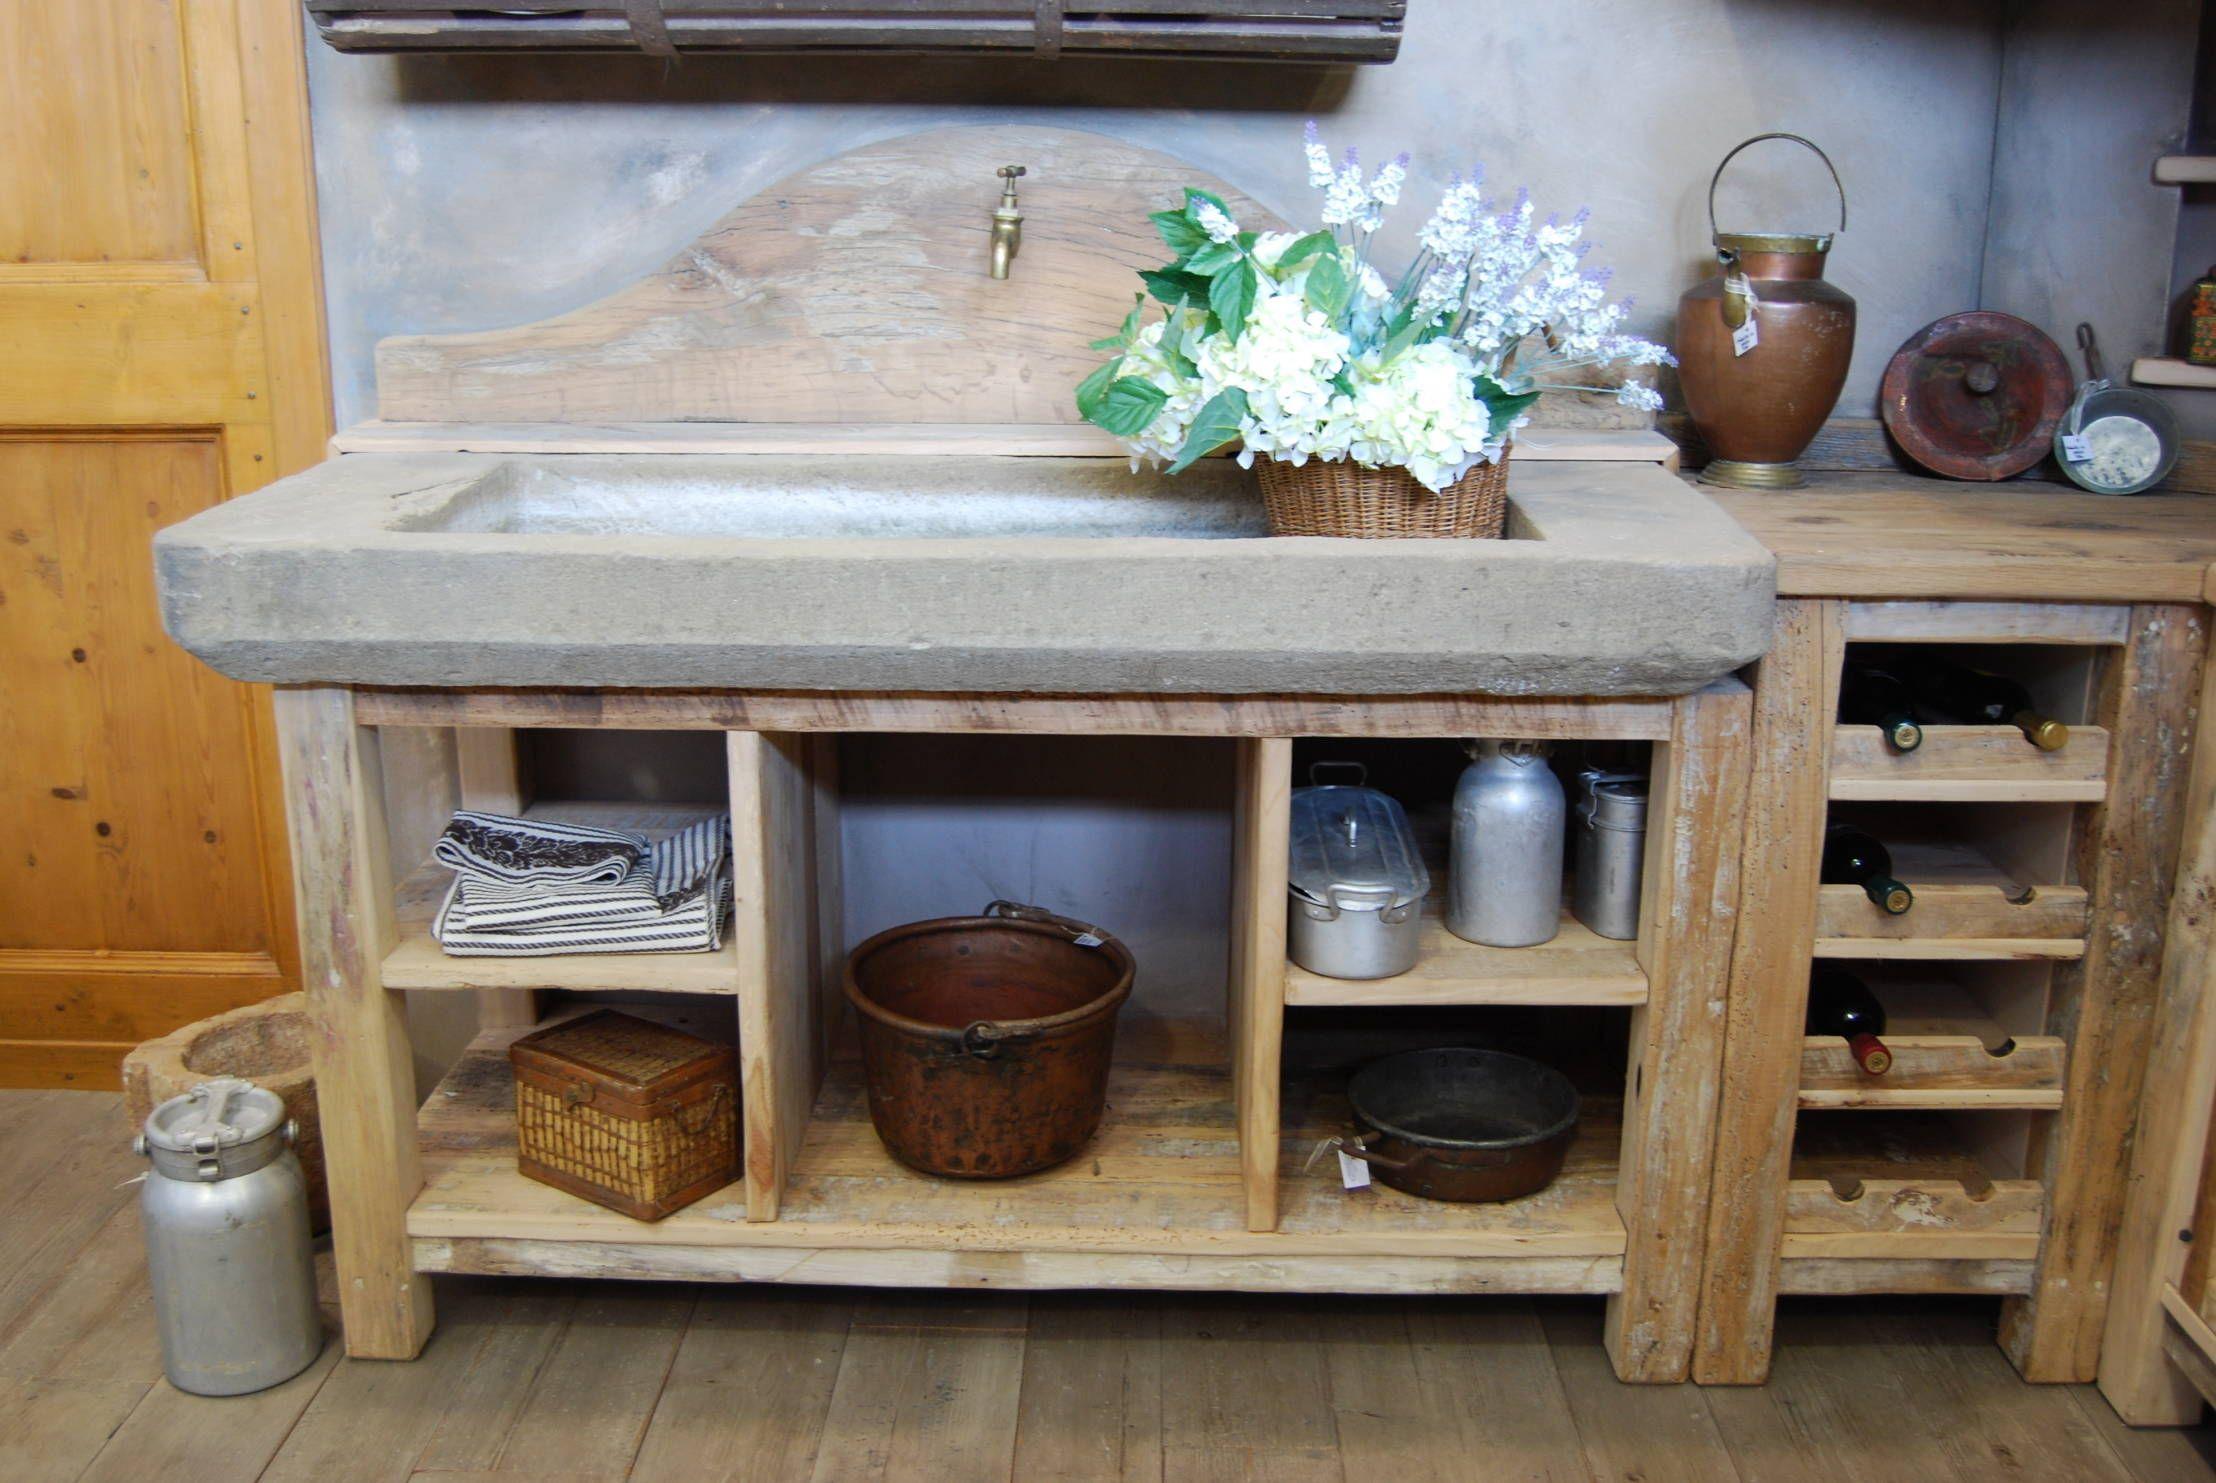 Il mobile lavello per la cucina: come scegliere quello giusto | home ...